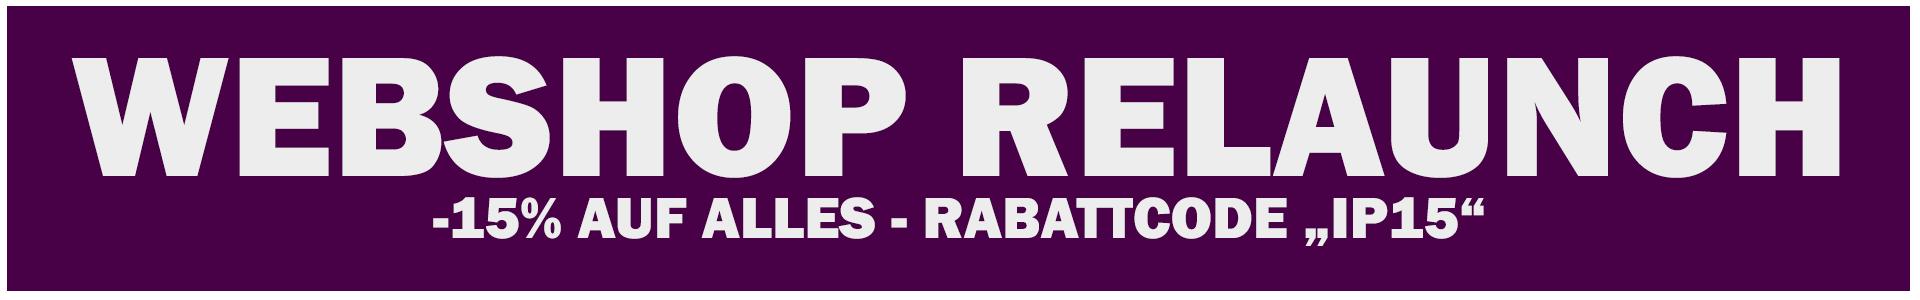 Relaunch Banner